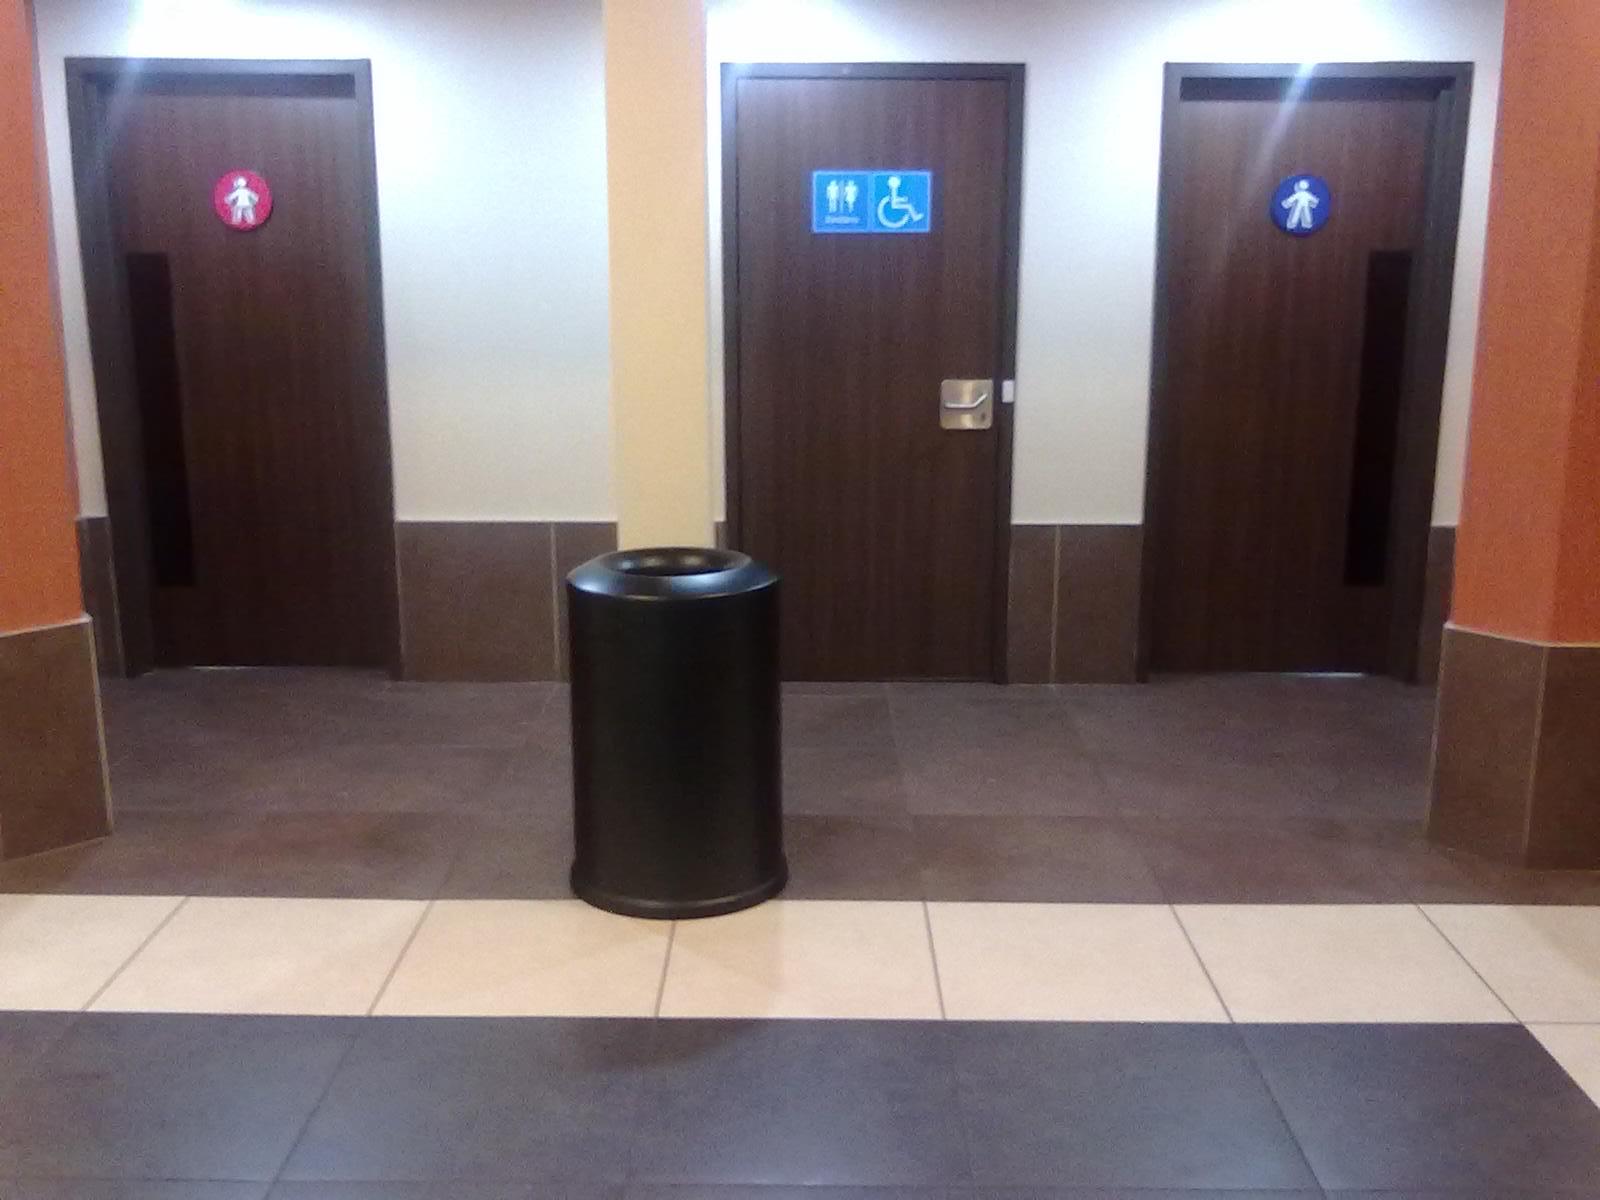 Presença de sanitário acessível localizado em rota acessível  #8A5441 1600x1200 Banheiro Adaptado Nbr 9050